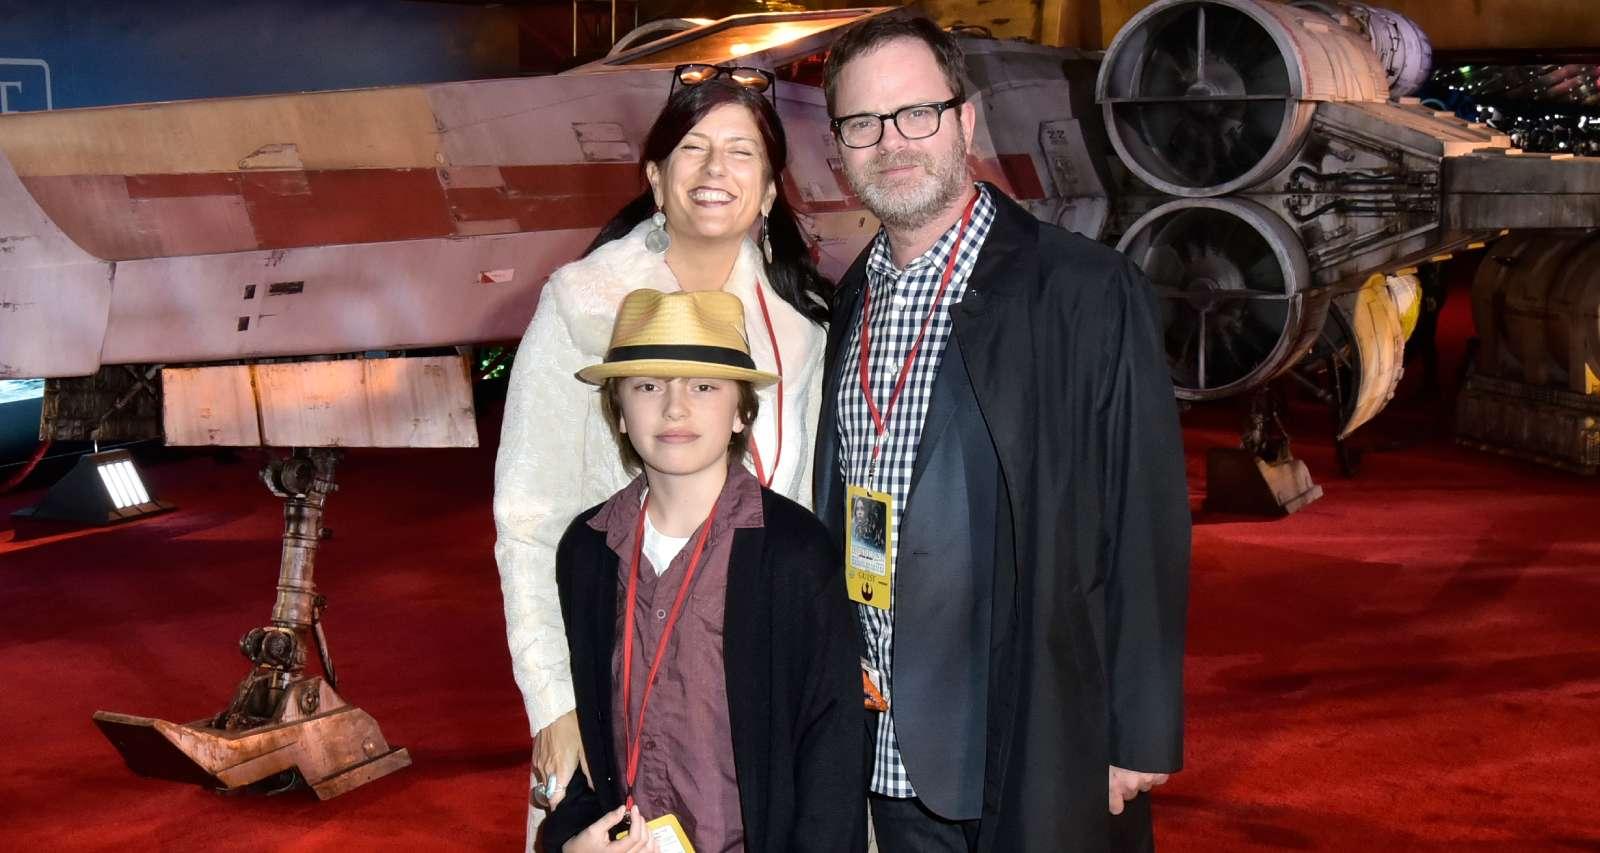 Writer Holiday Reinhorn, actor Rainn Wilson and their son Walter McKenzie Wilson